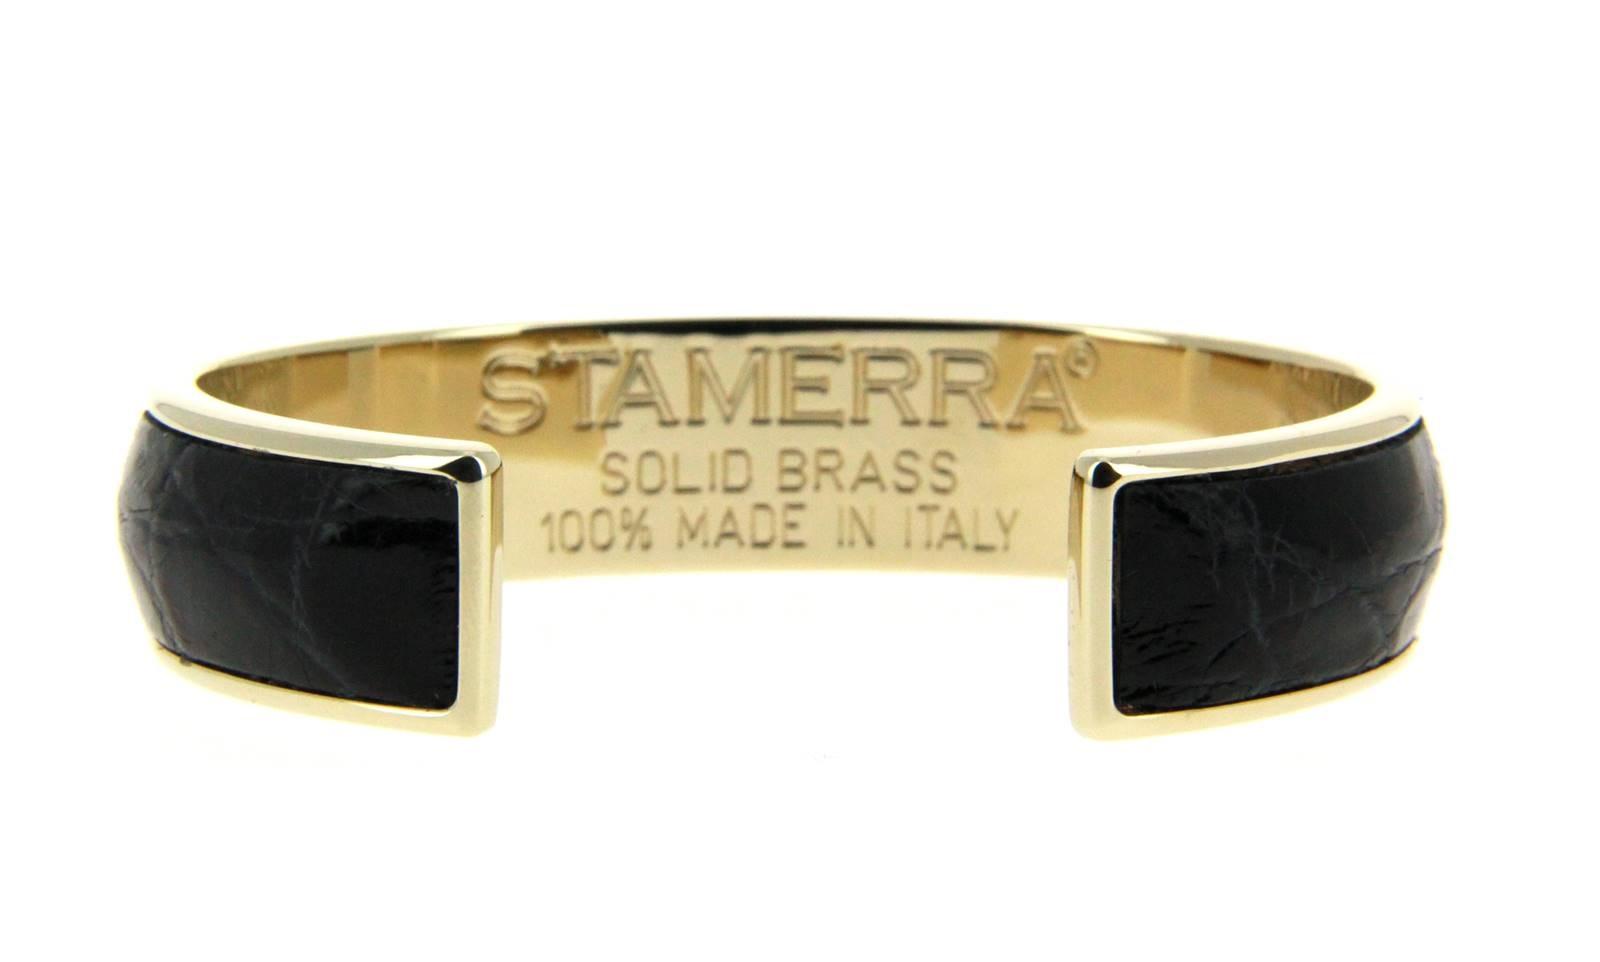 Stamerra bracelet VERO GENUINE CROCO MEDON GOLD NERO